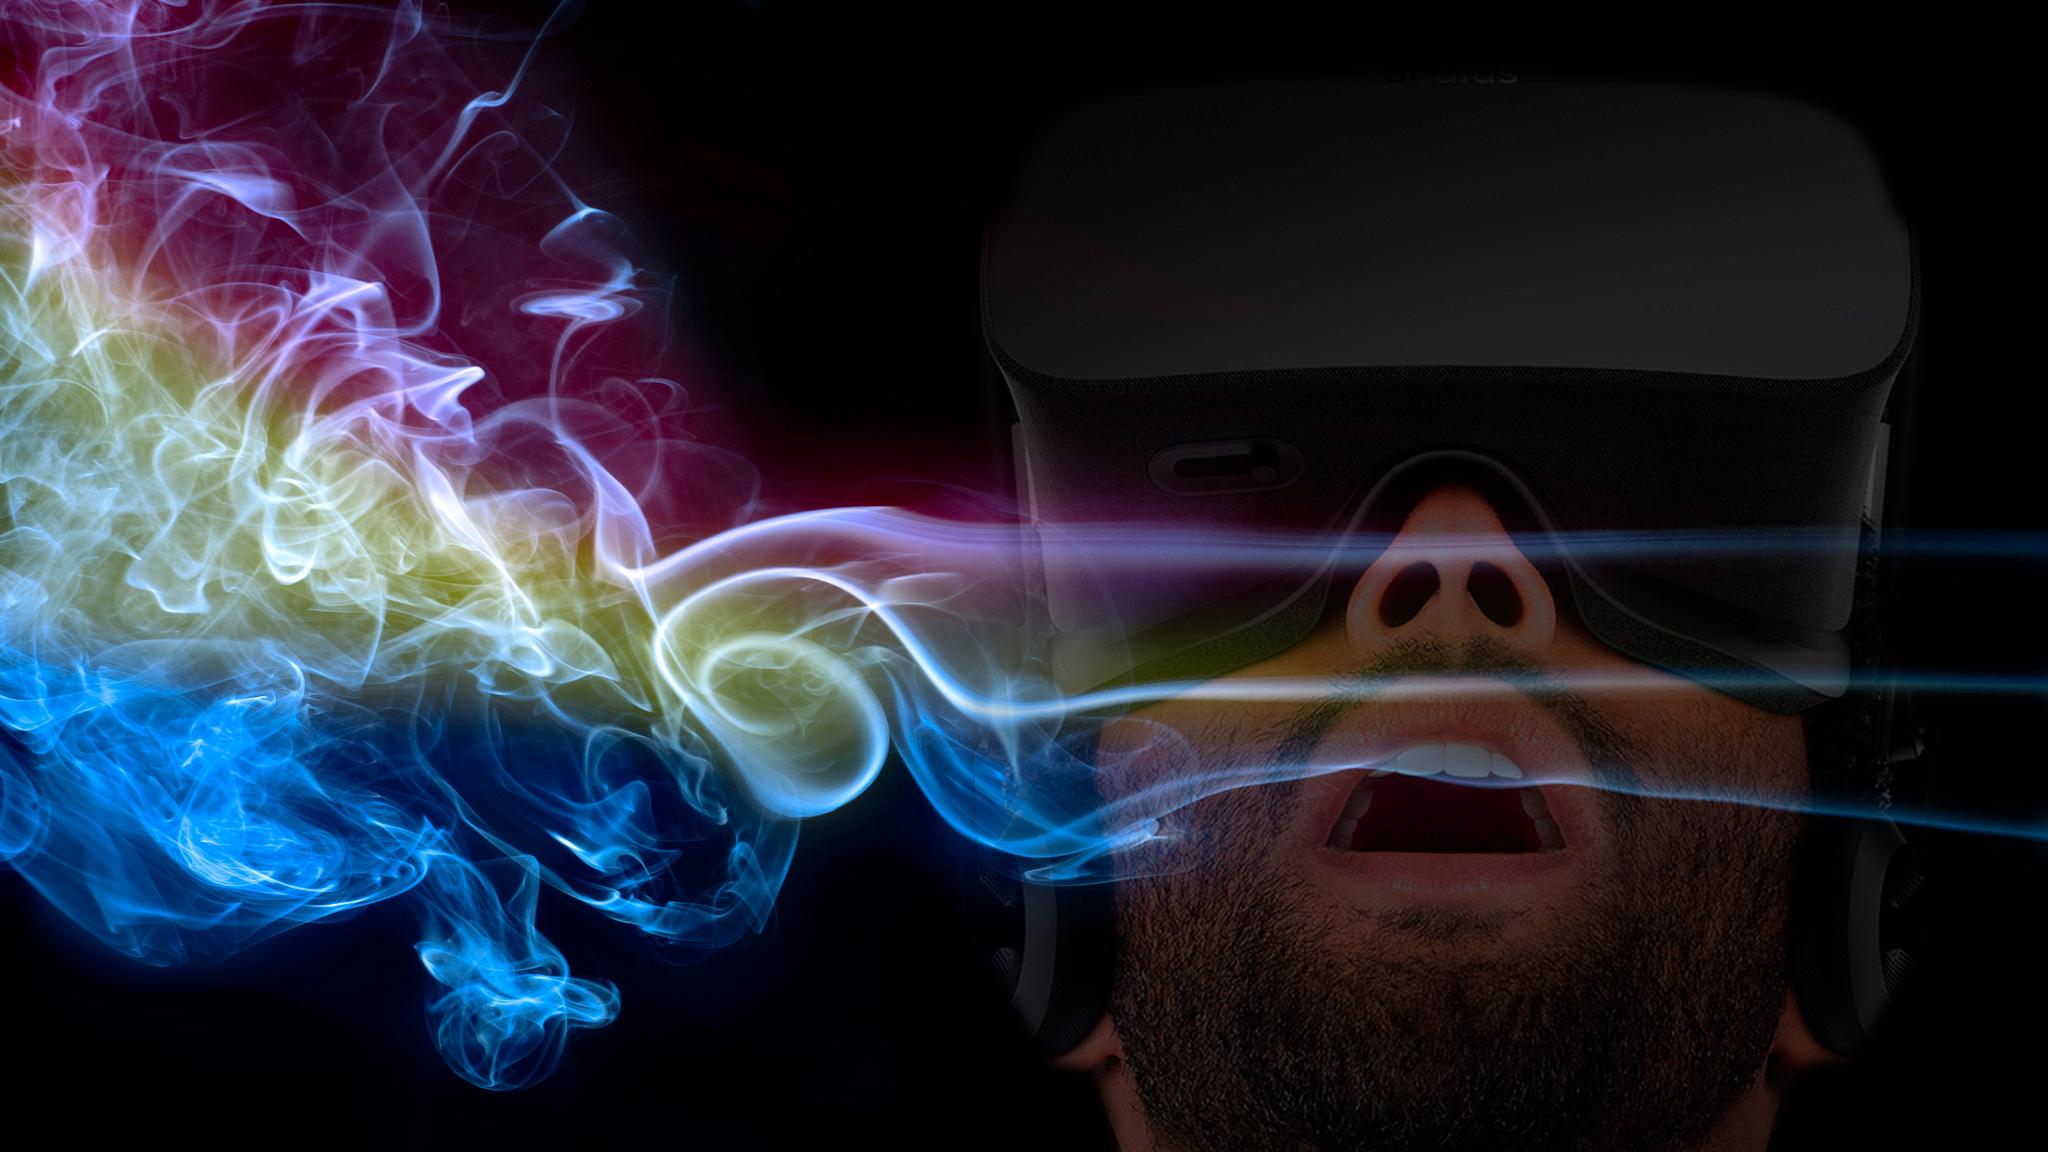 Nueva tecnología VR puede replicar olores